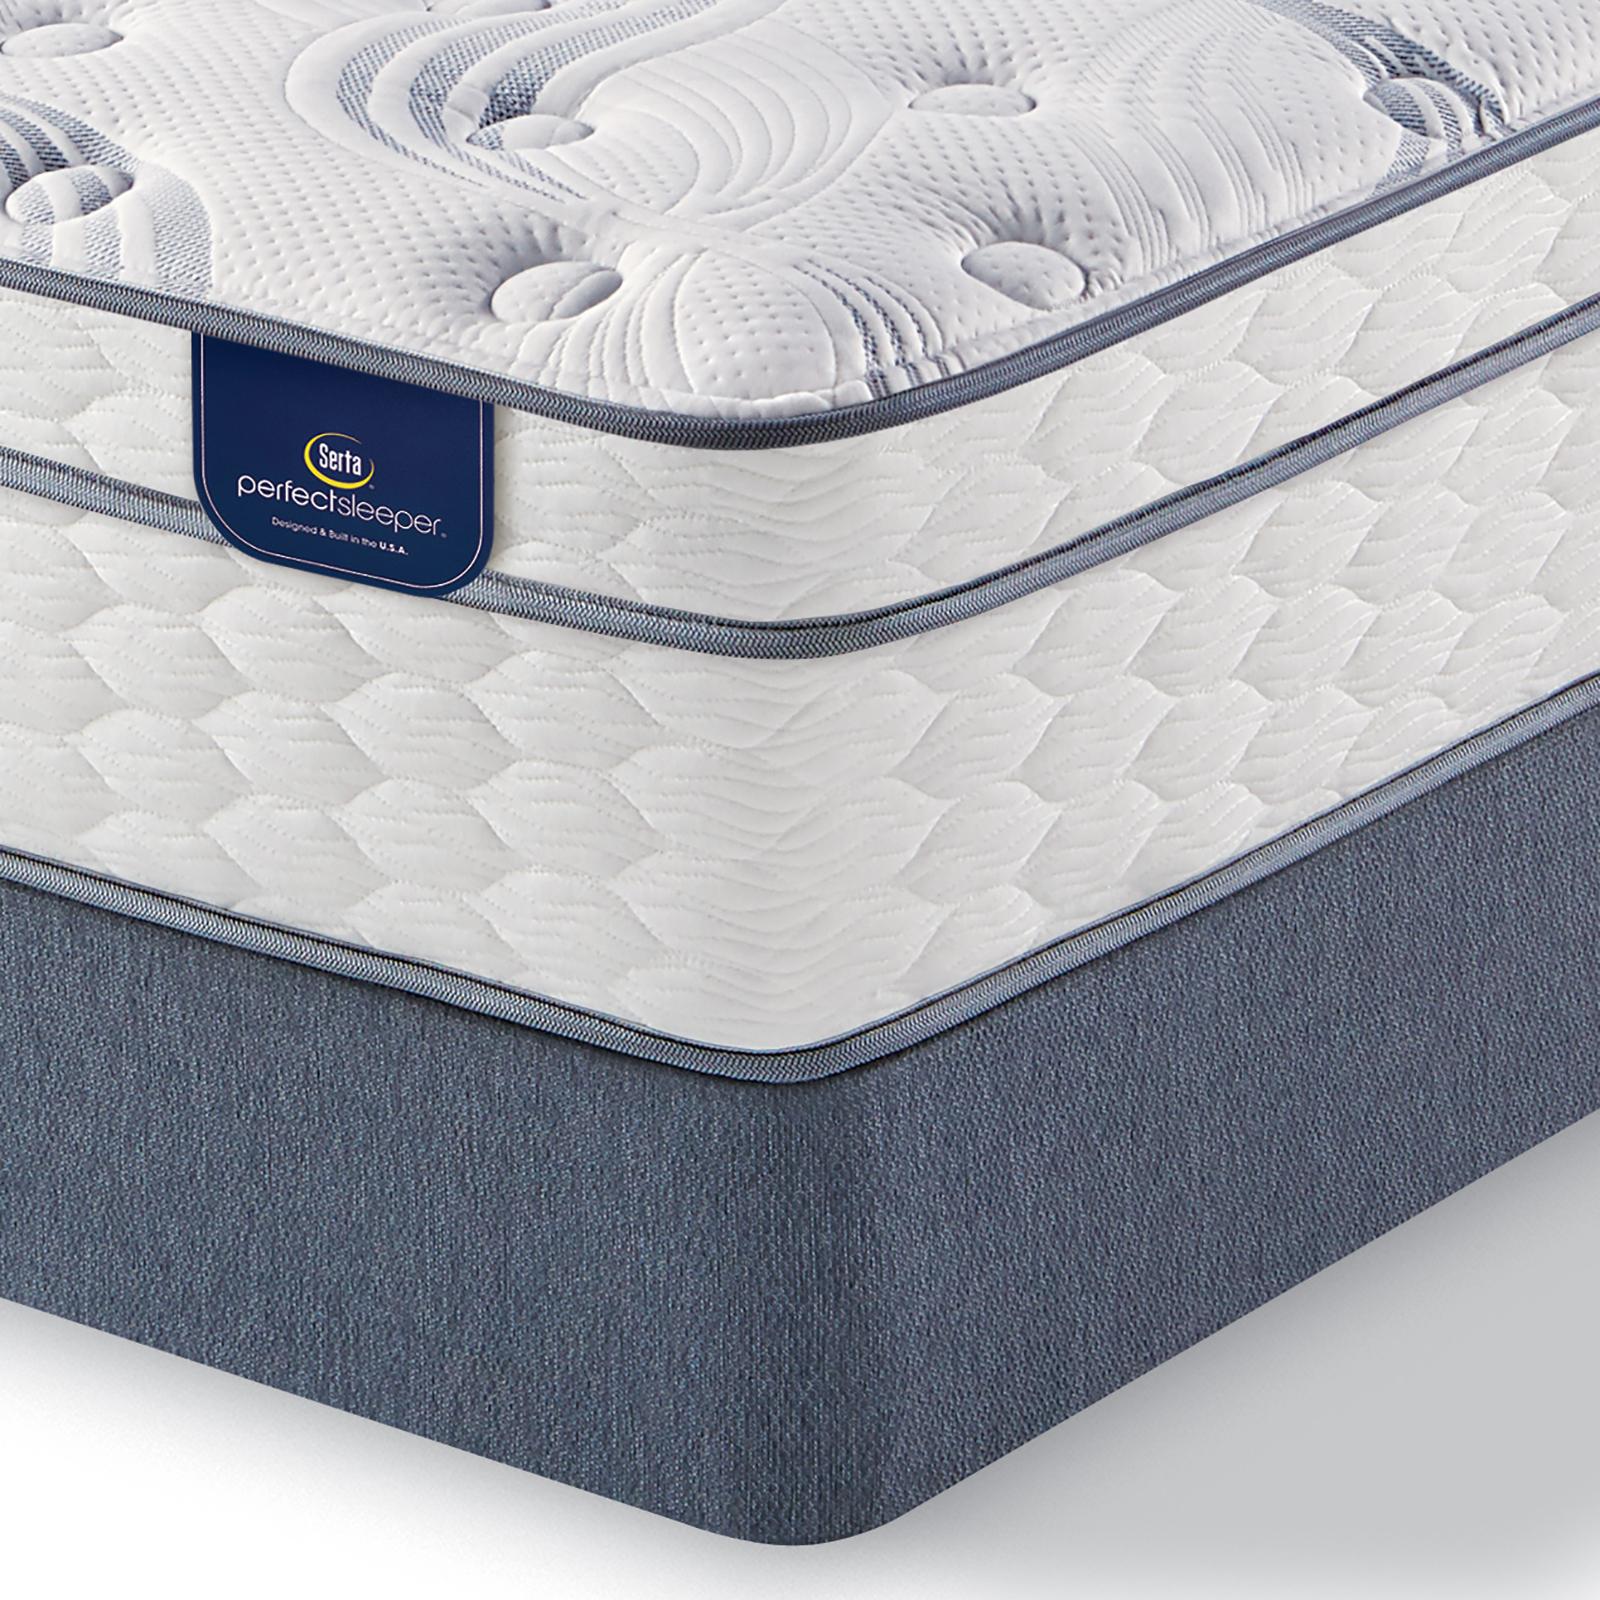 Serta Perfect Sleeper Elmstead Firm Queen Eurotop Mattress